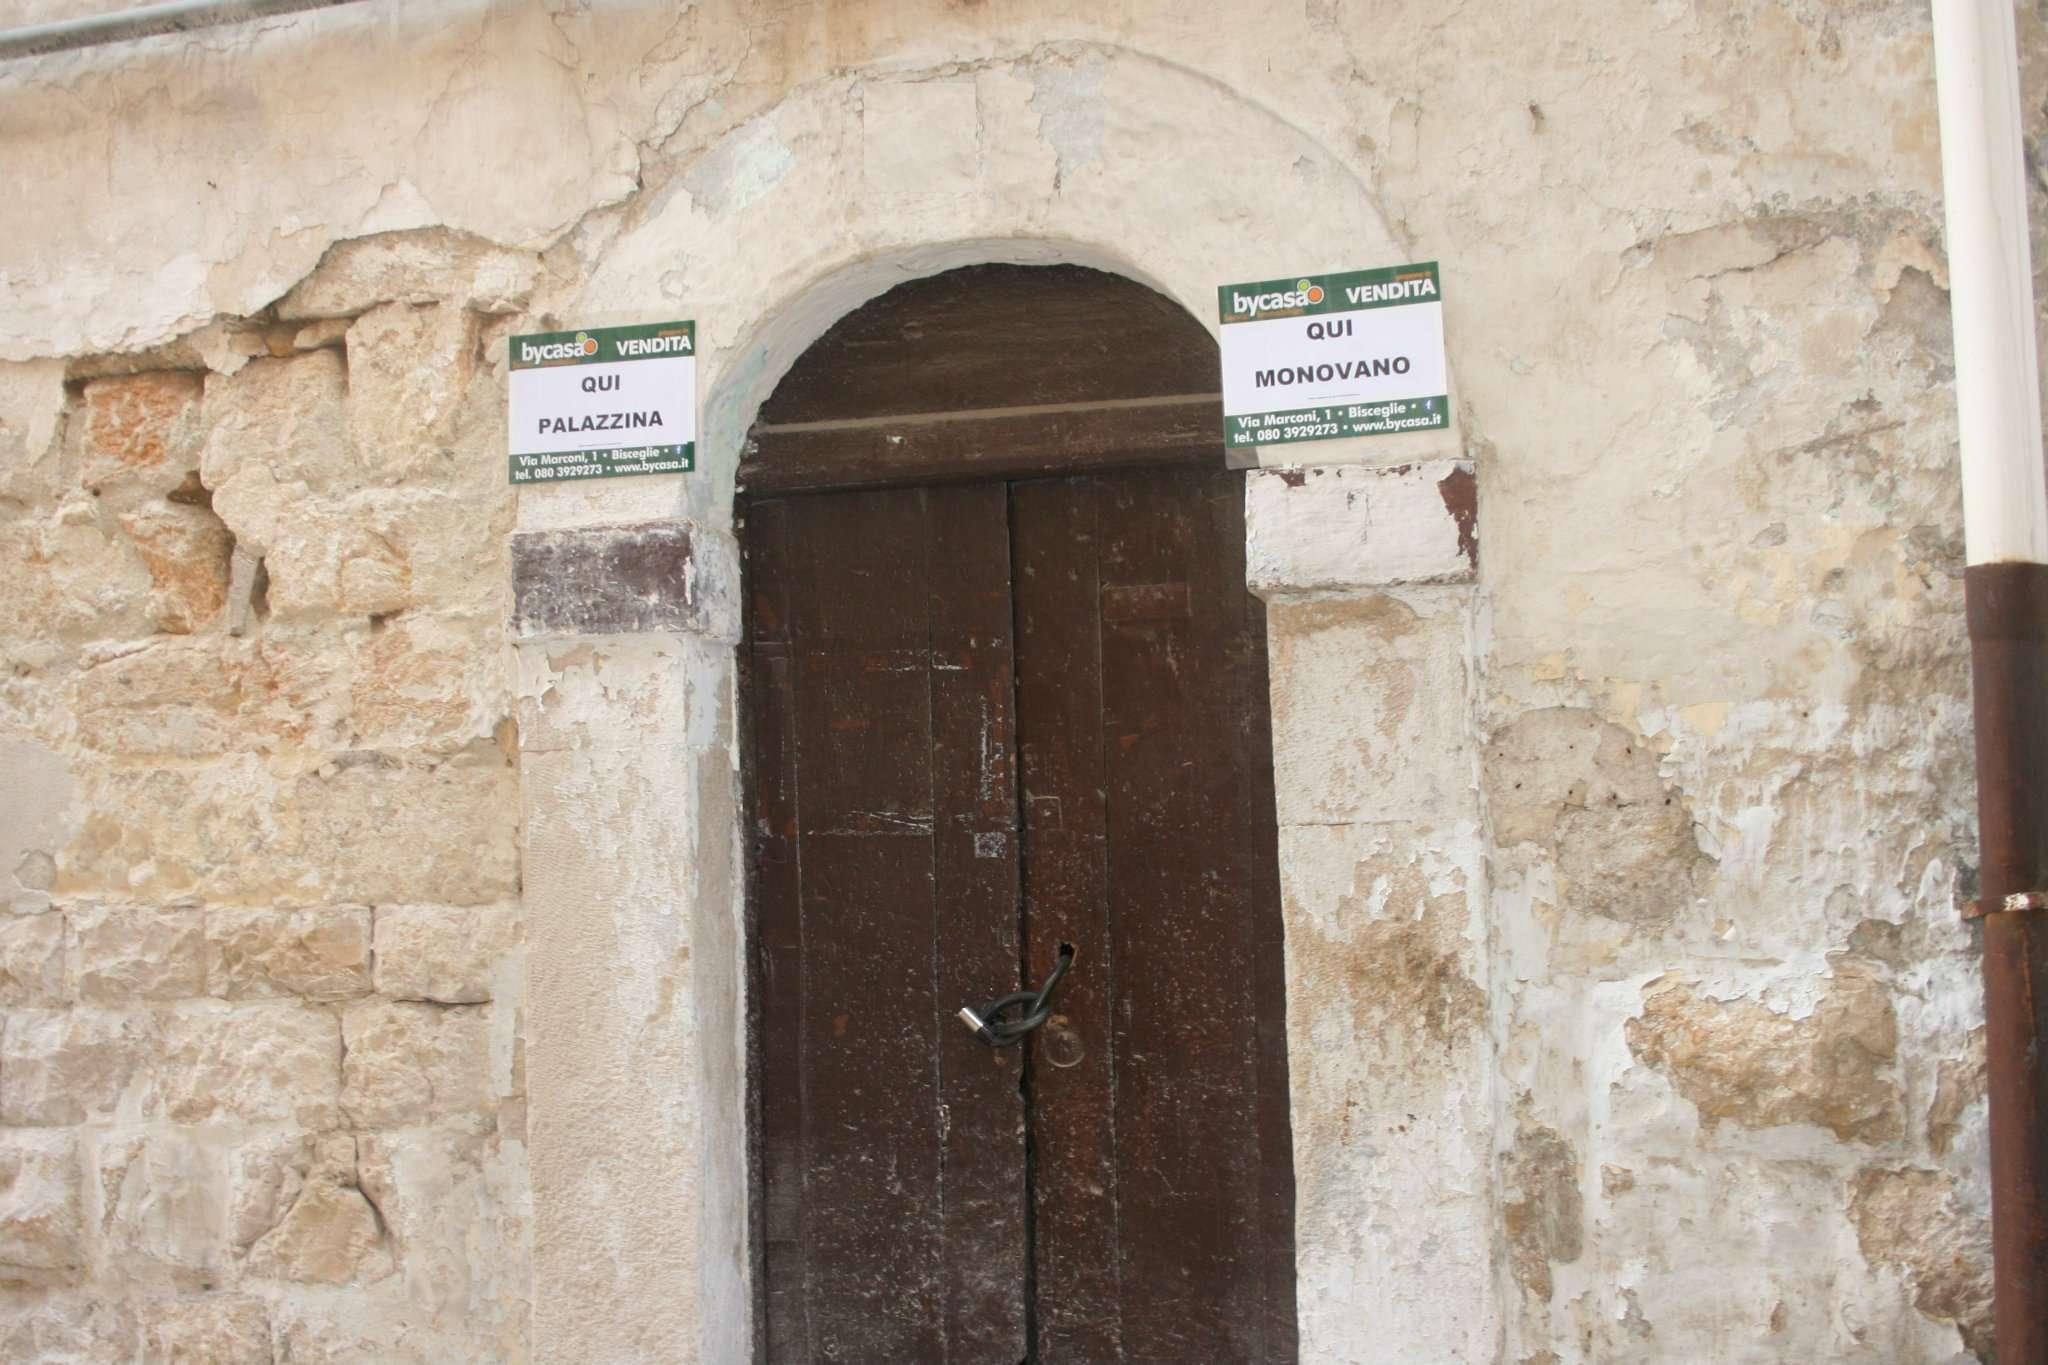 Appartamento in vendita a Bisceglie, 3 locali, prezzo € 58.000 | PortaleAgenzieImmobiliari.it